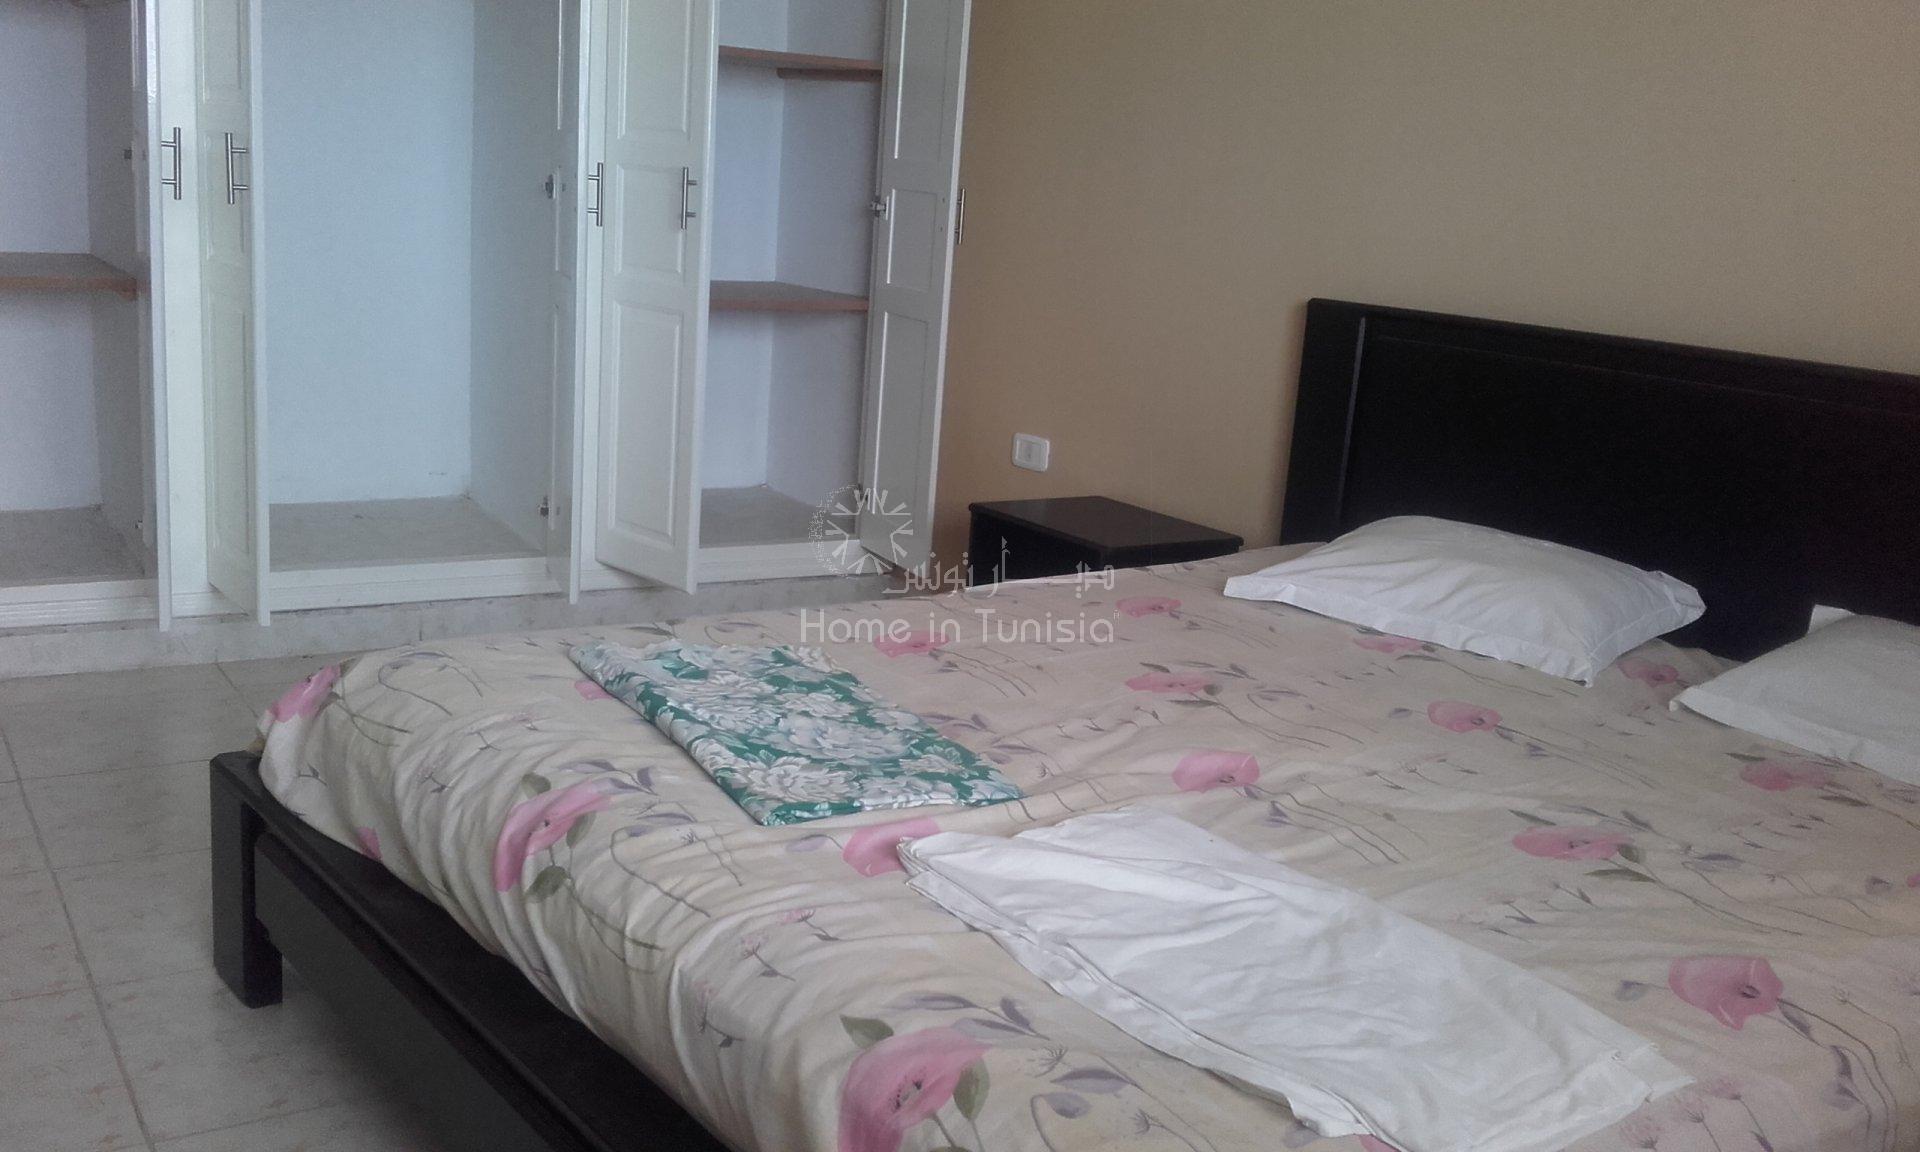 appartement Meublé avec gout à hergla